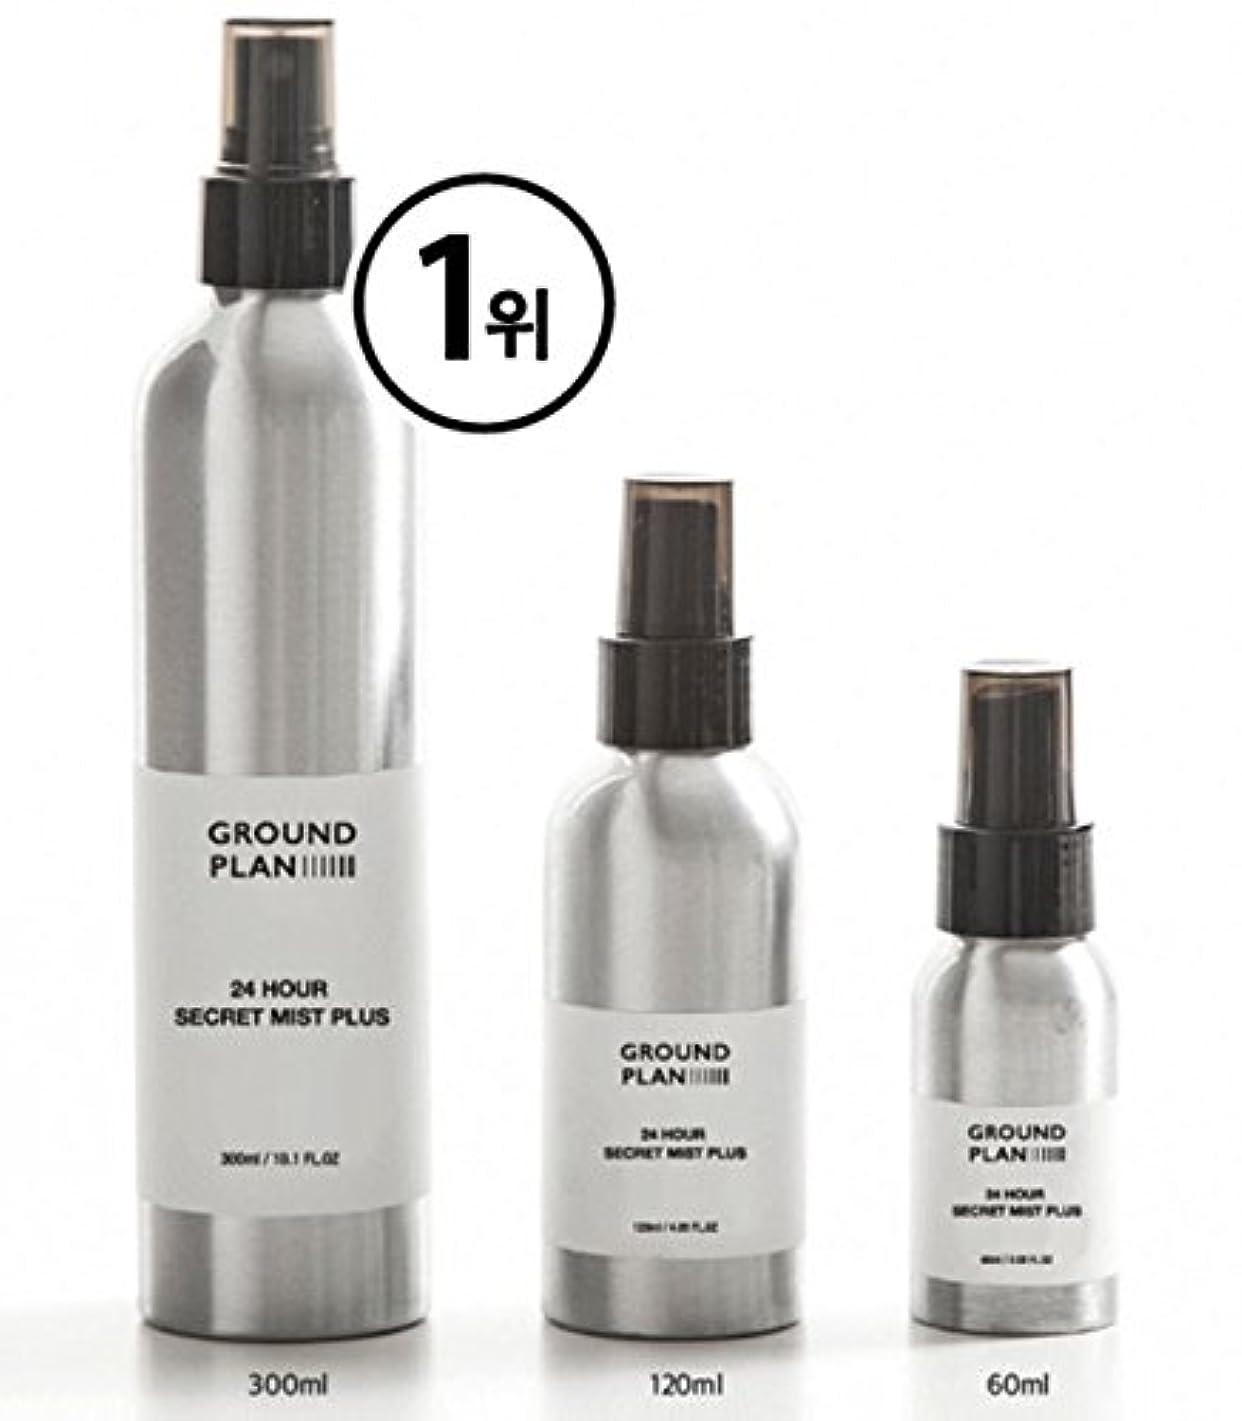 発生する一貫性のない探偵[グラウンド?プラン] 24Hour 秘密 スキンミスト Plus (120ml) (300ml) Ground plan 24 Hour Secret Skin Mist Plus [海外直送品] (120ml)